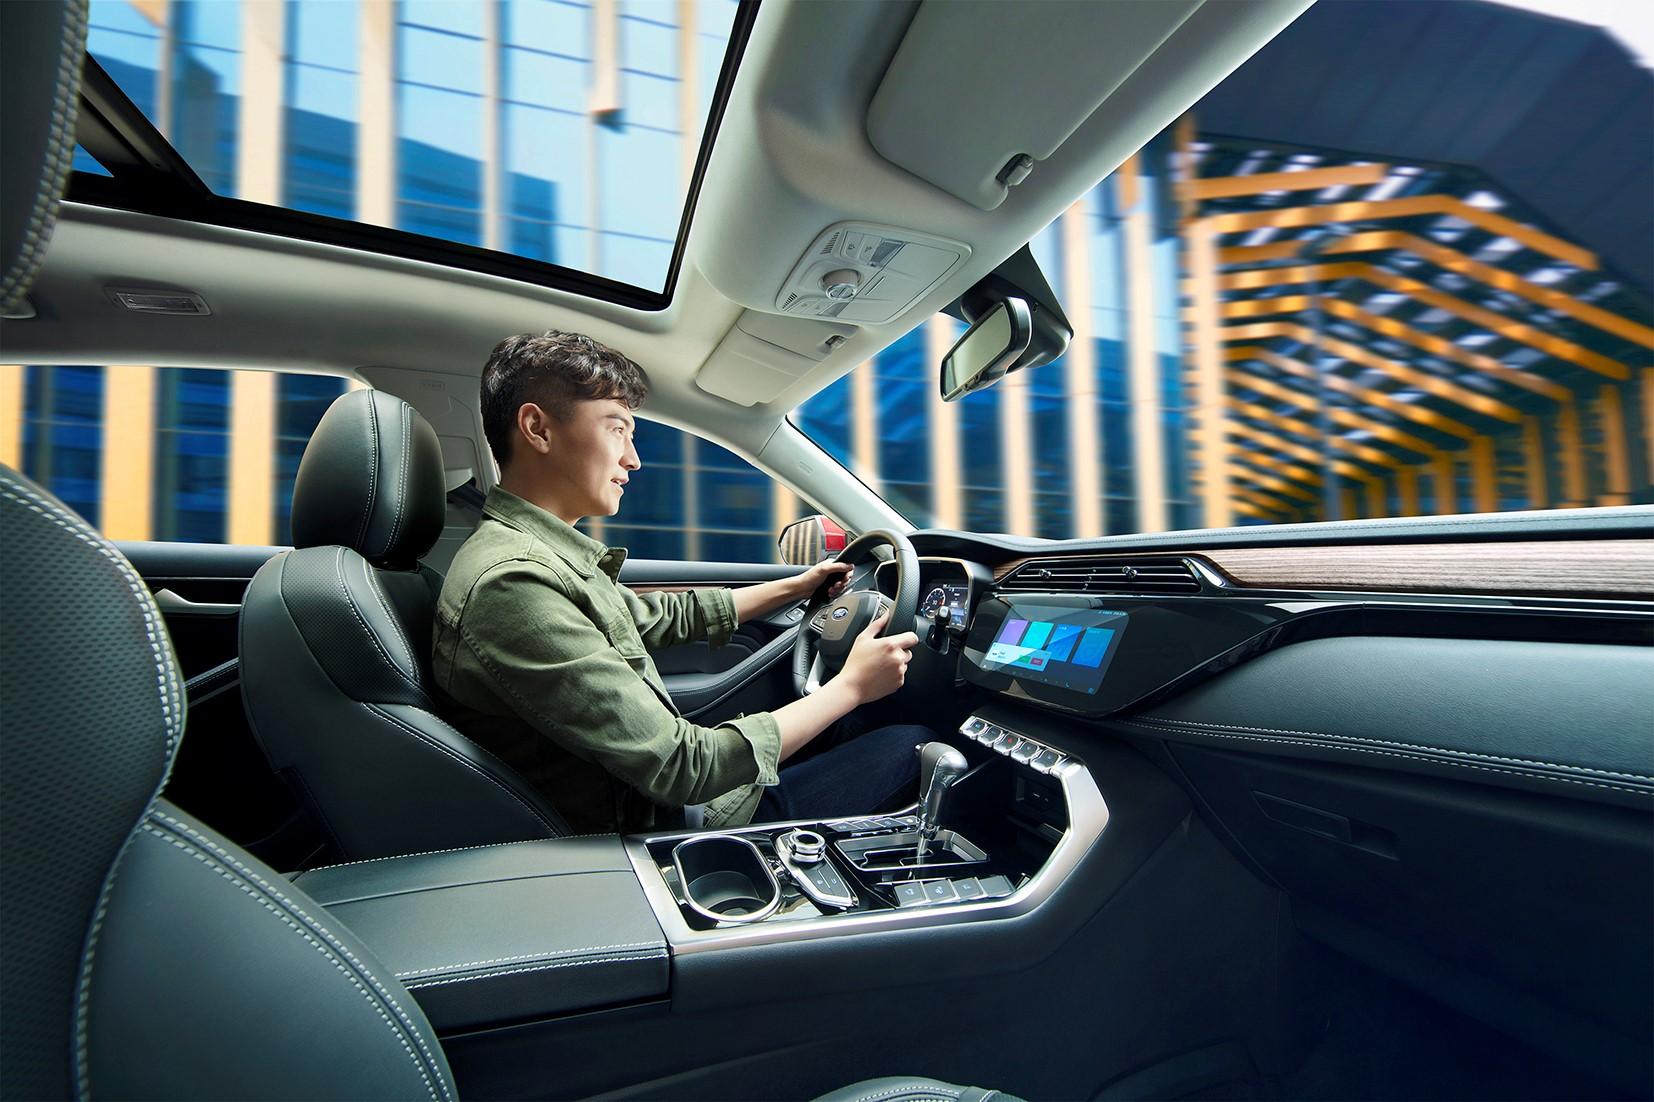 江铃福特领恐怖界S今日正式上市 搭载腾讯TAI汽甚至是�w升车智能系统